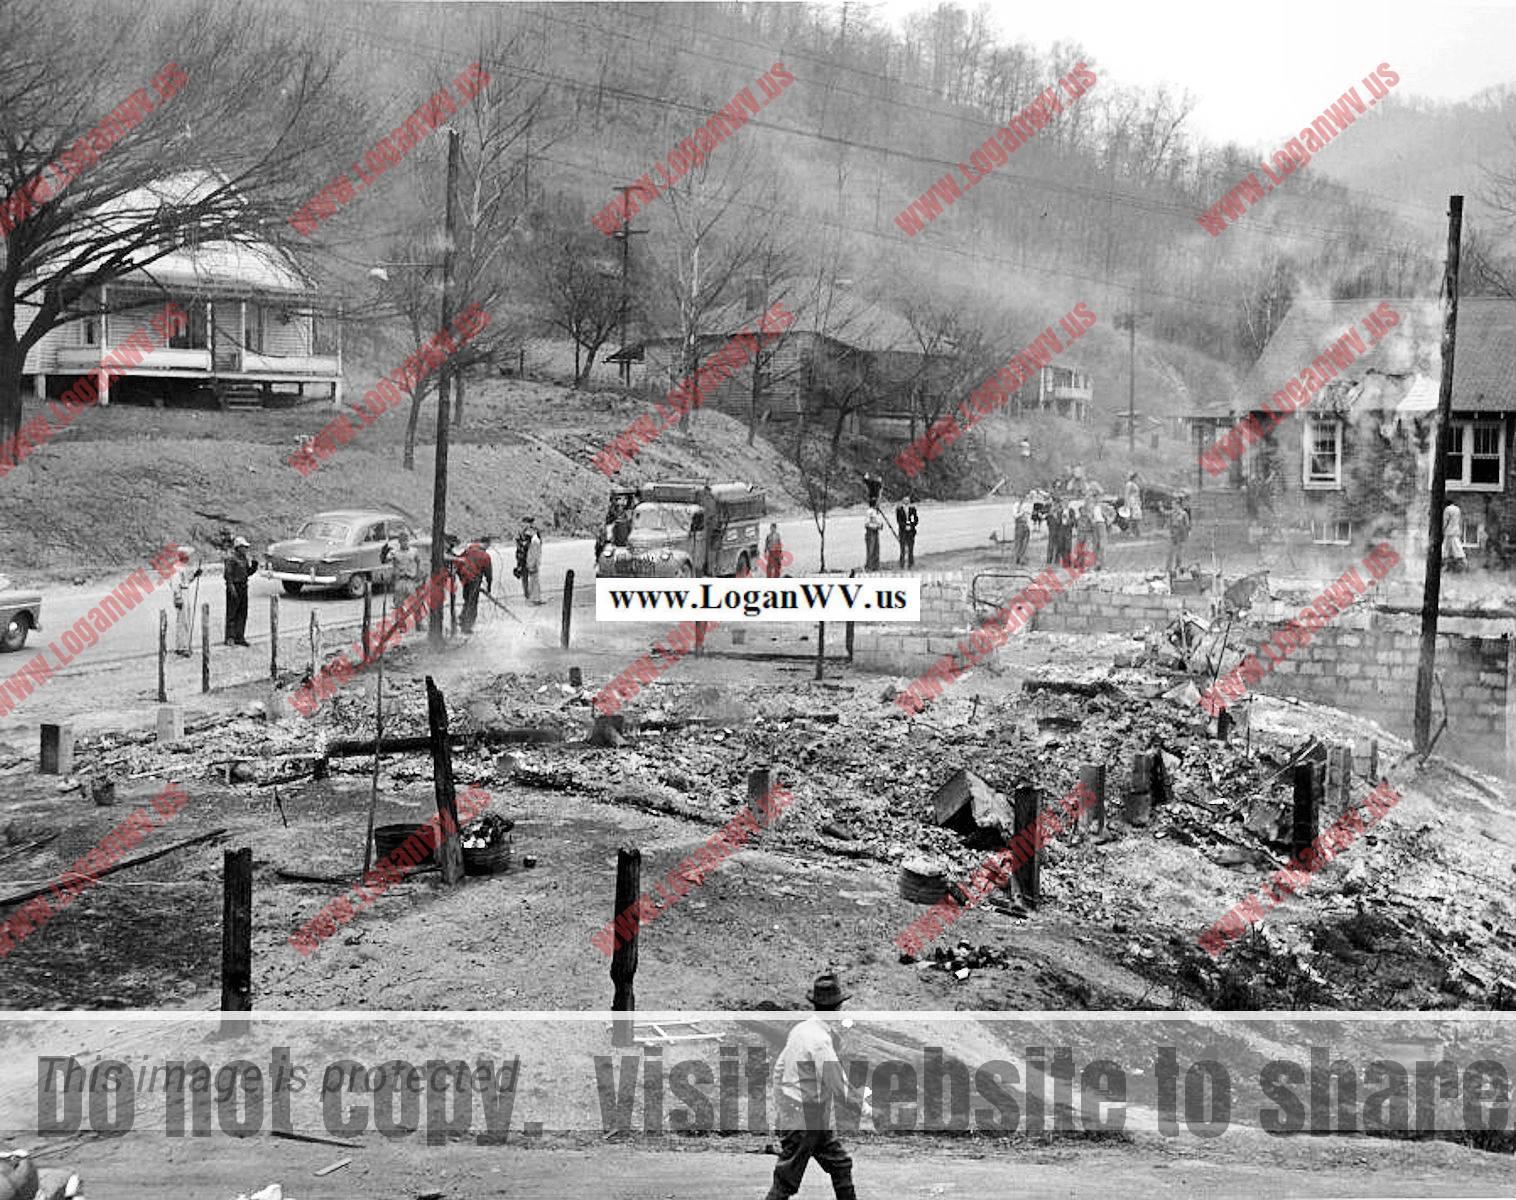 Singles in west logan west virginia State Fair Concert Announcement!, State Fair of West Virginia